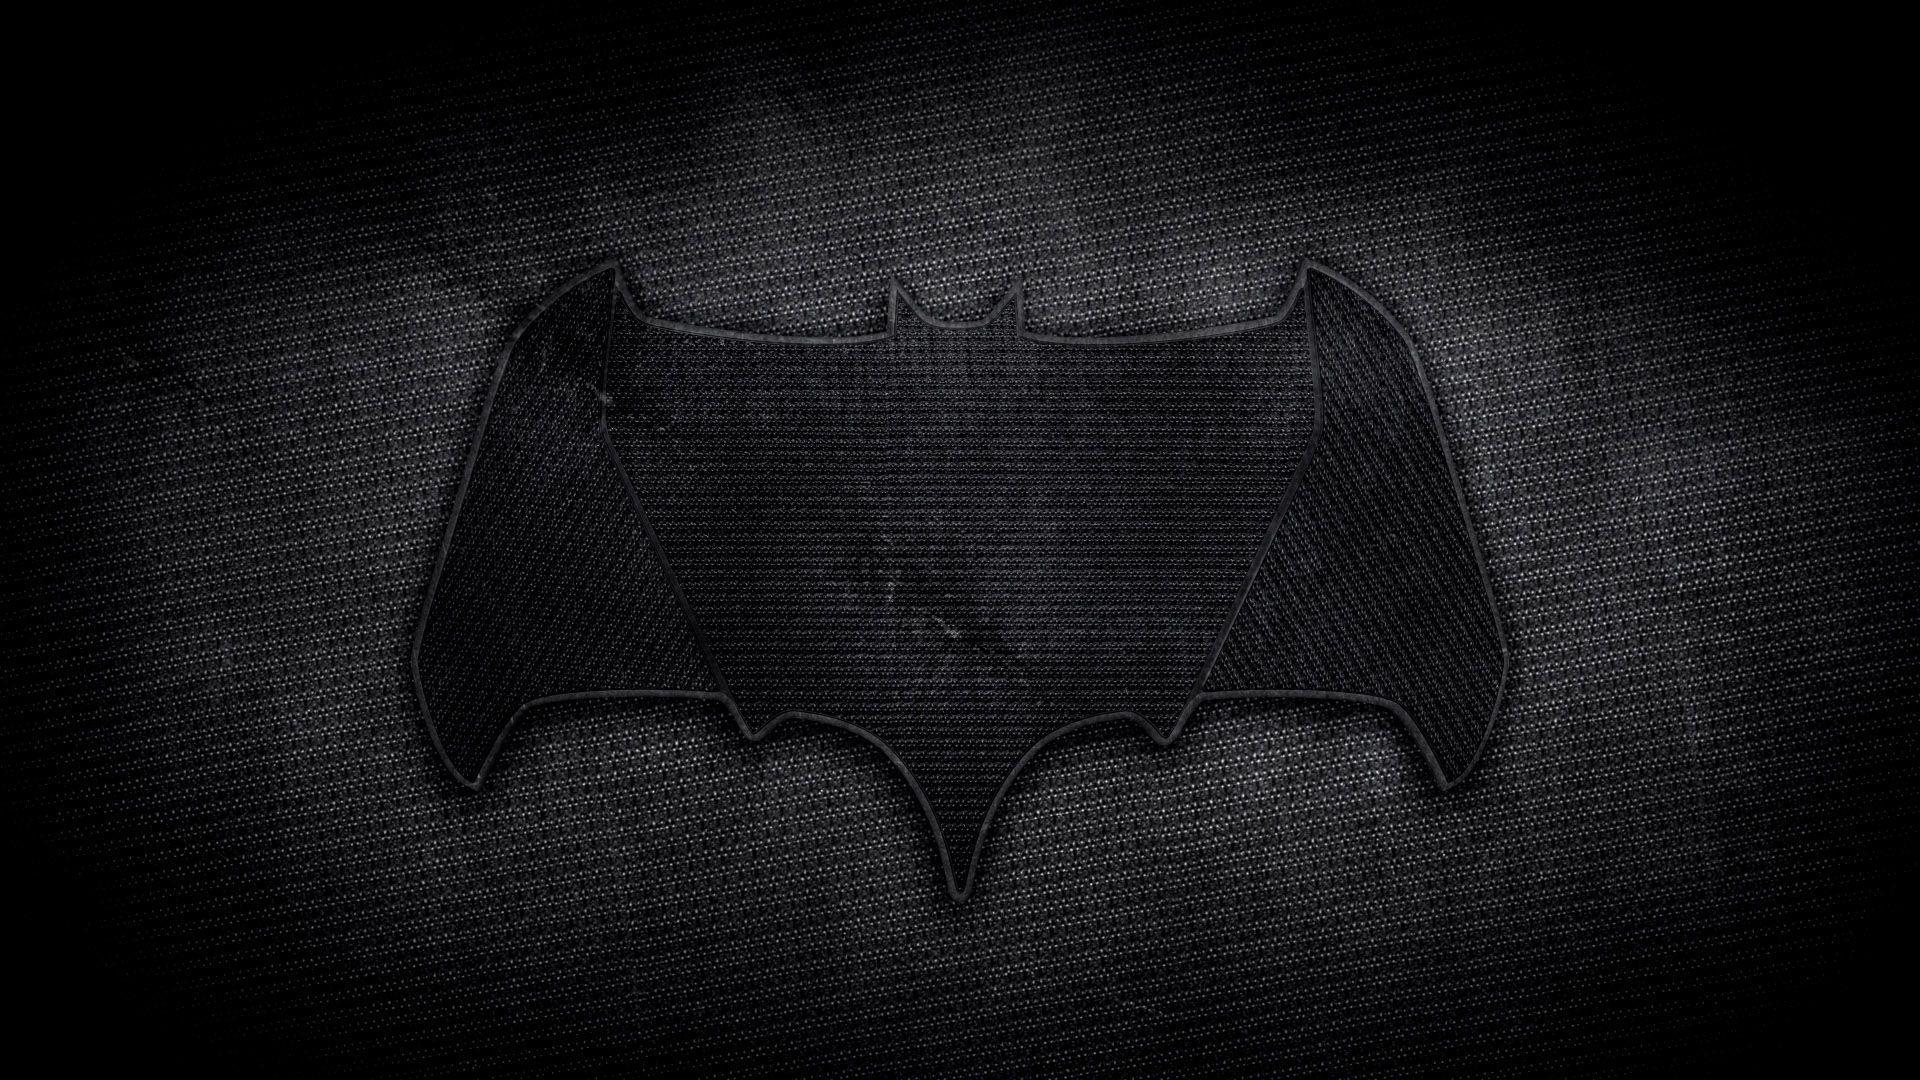 batman vs superman wallpapers wallpaper cave